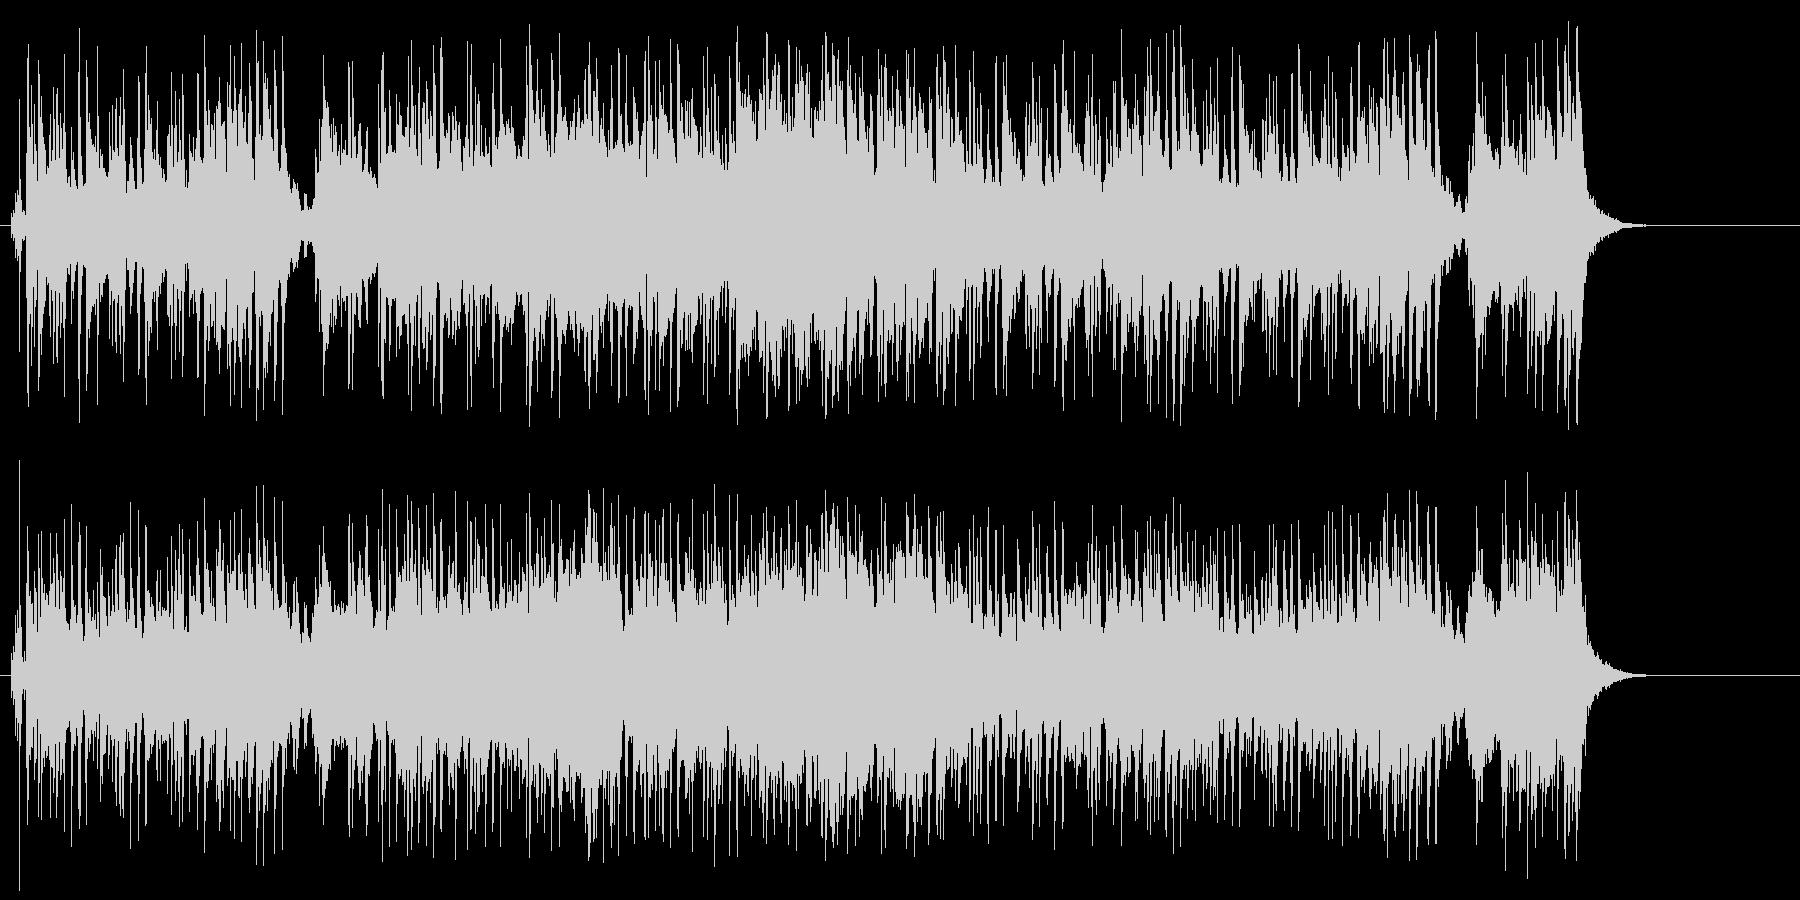 タイトル向けの広がりのあるポップスの未再生の波形